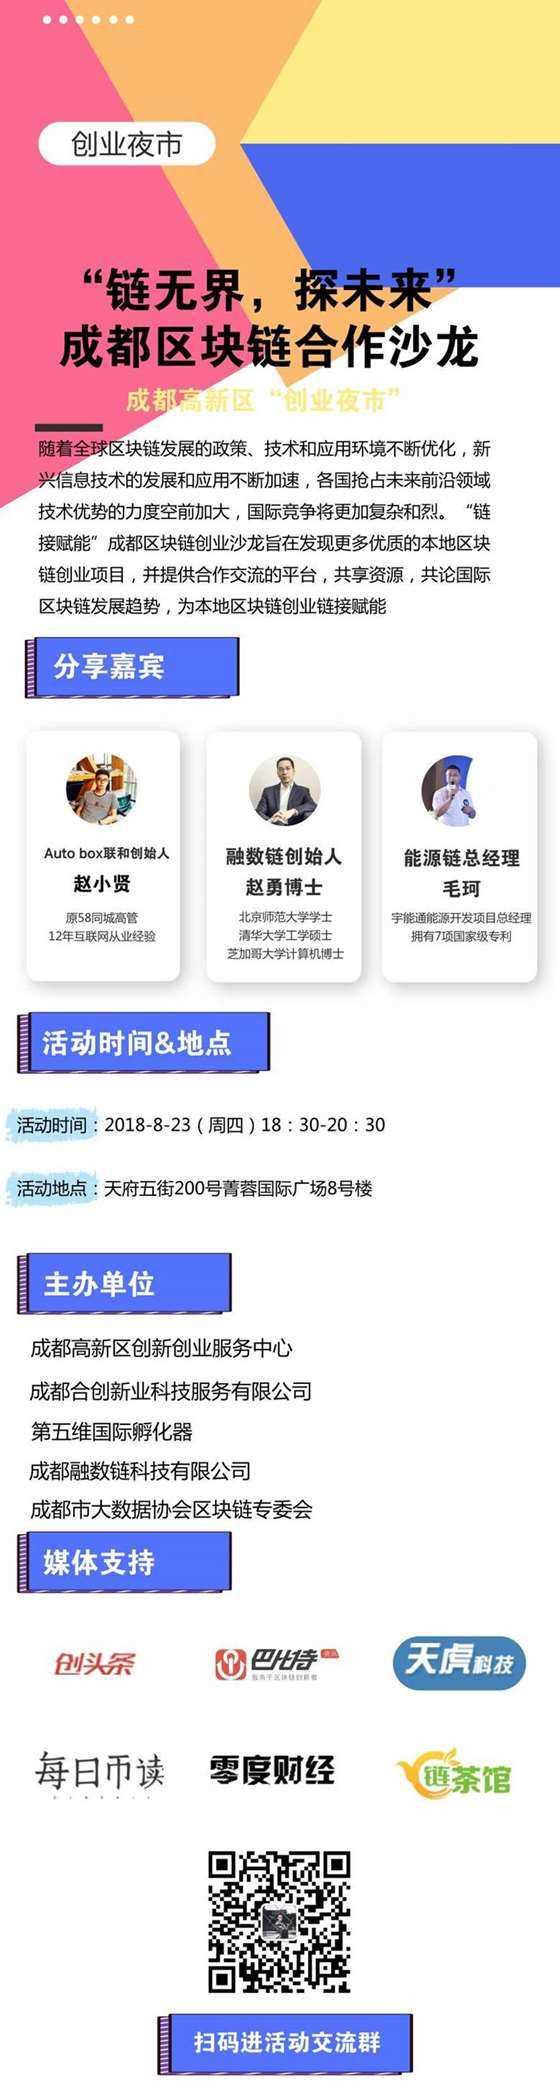 创业夜市长图海报_自定义px_2018.08.09.jpg